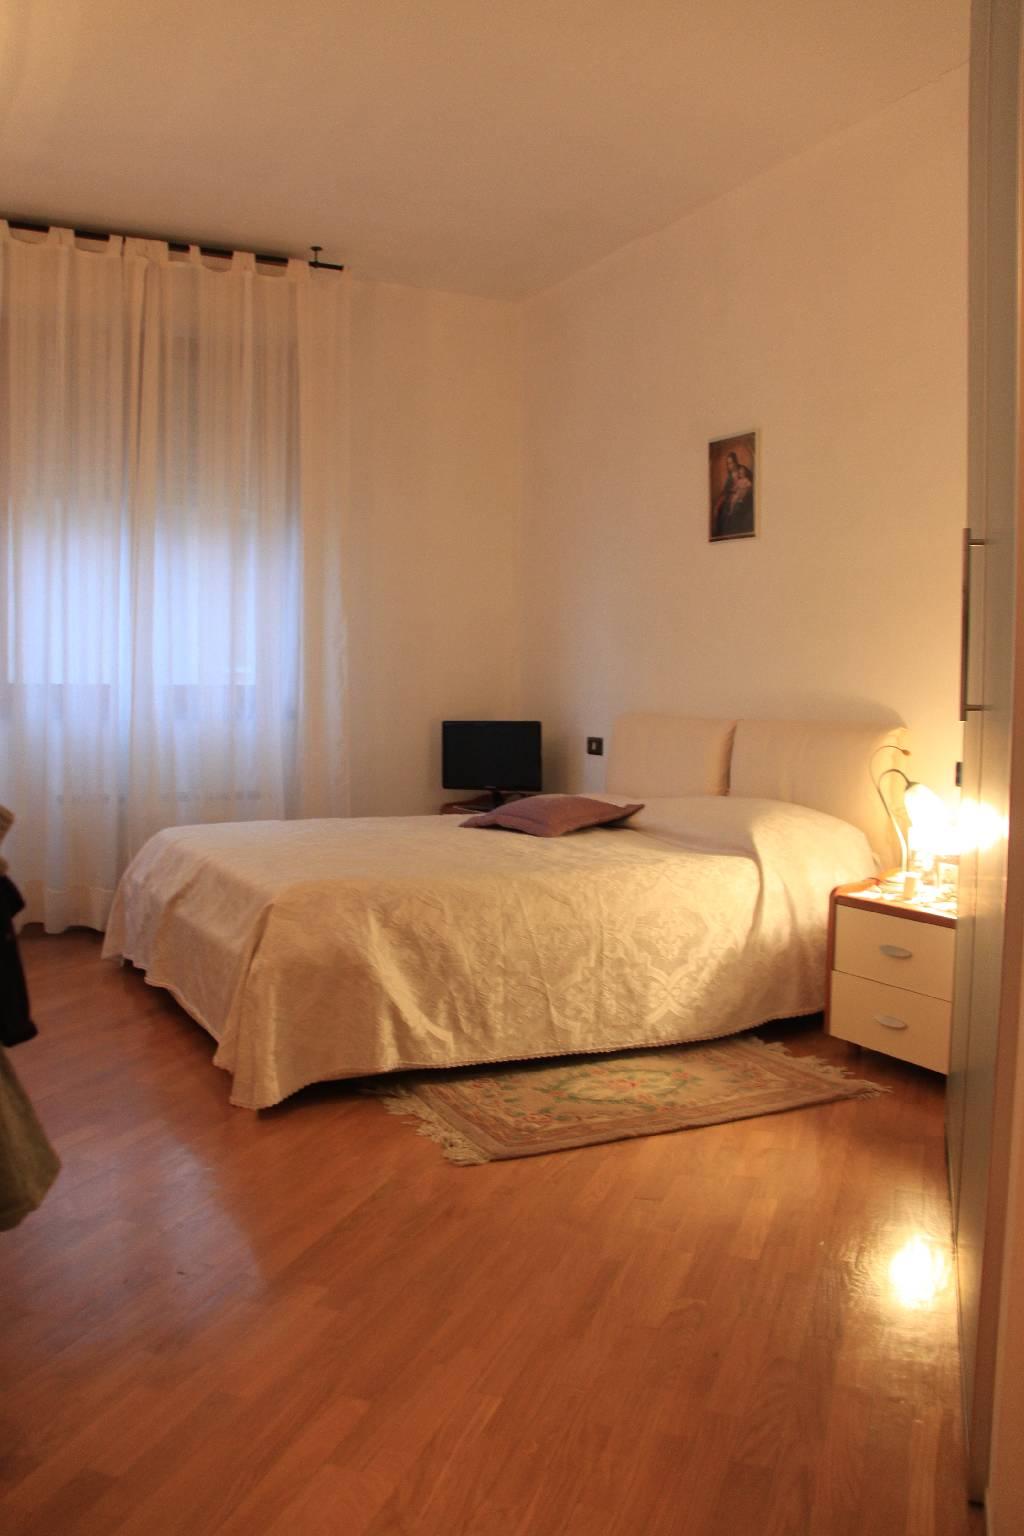 Appartamento in vendita a Quarrata, 4 locali, zona Località: VIA MARCONI, prezzo € 195.000 | Cambio Casa.it